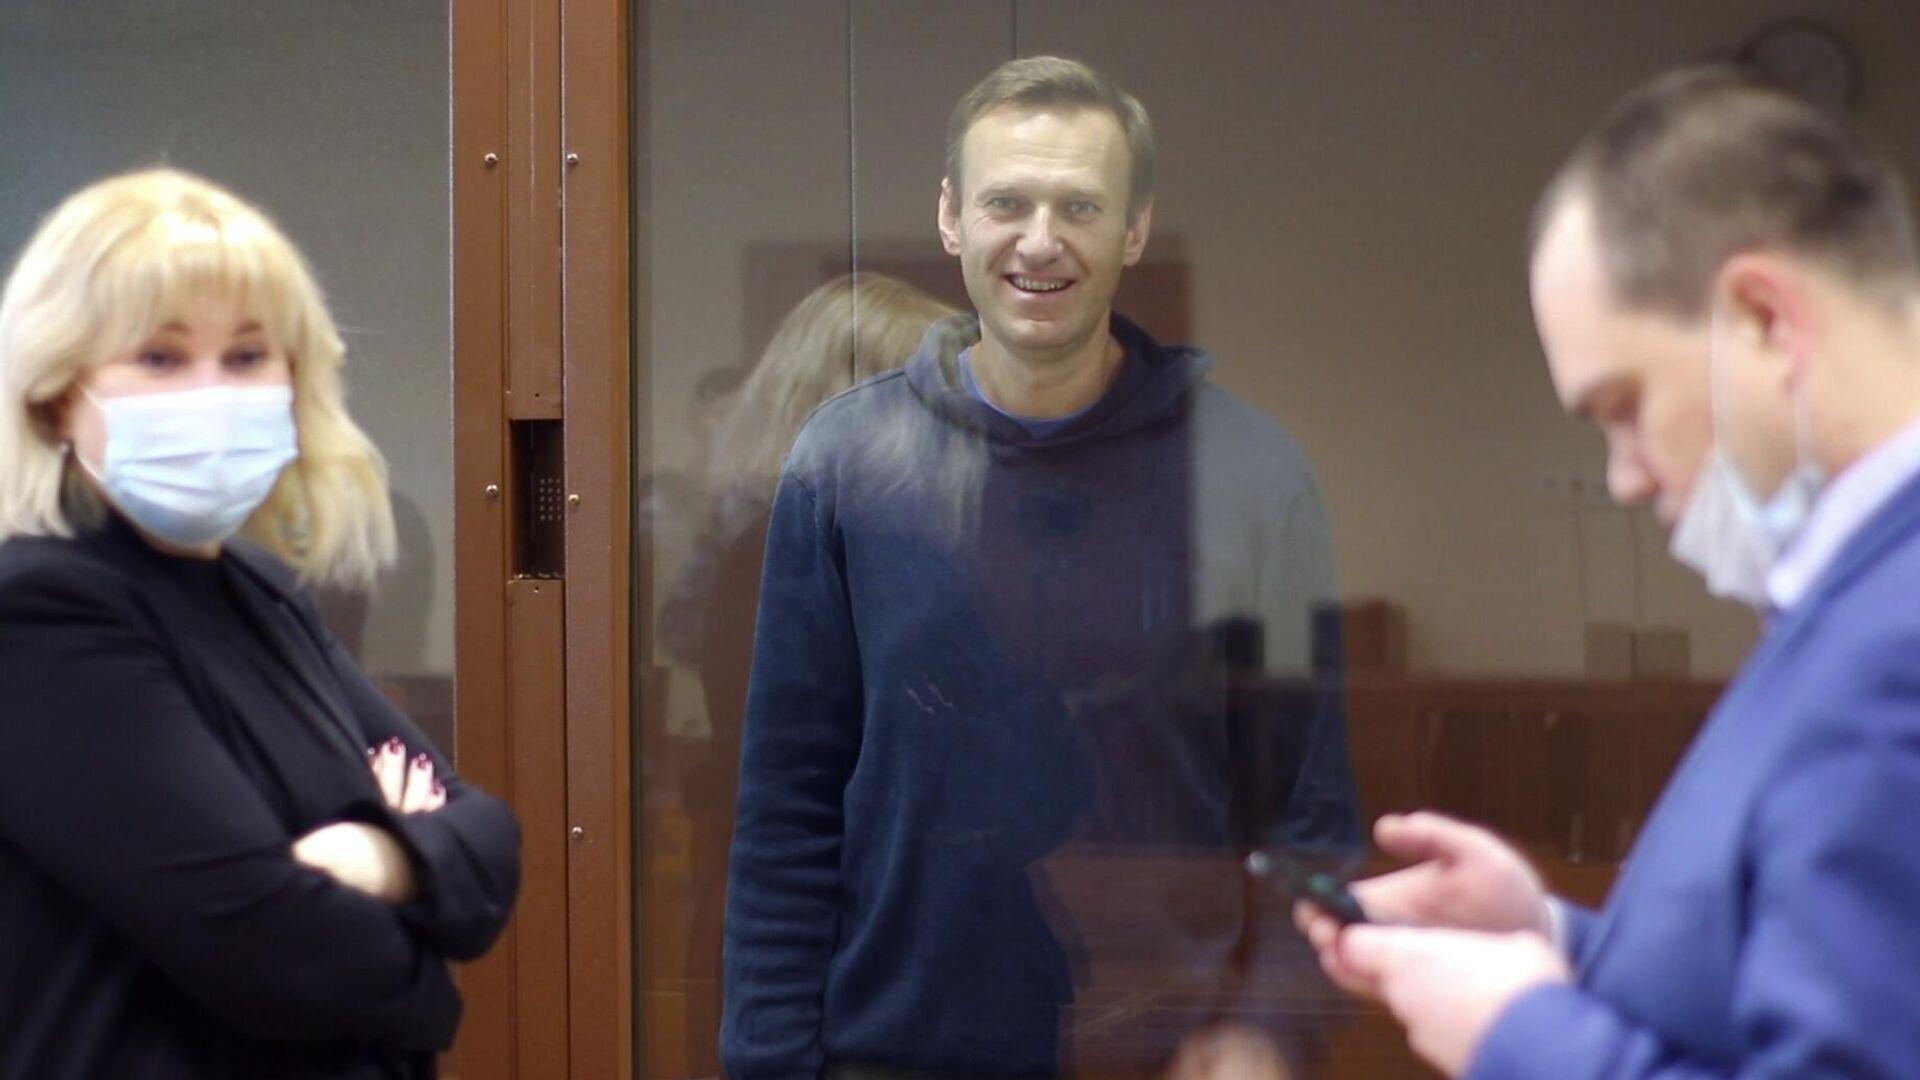 Алексей Навальный в зале Бабушкинского районного суда - РИА Новости, 1920, 25.02.2021